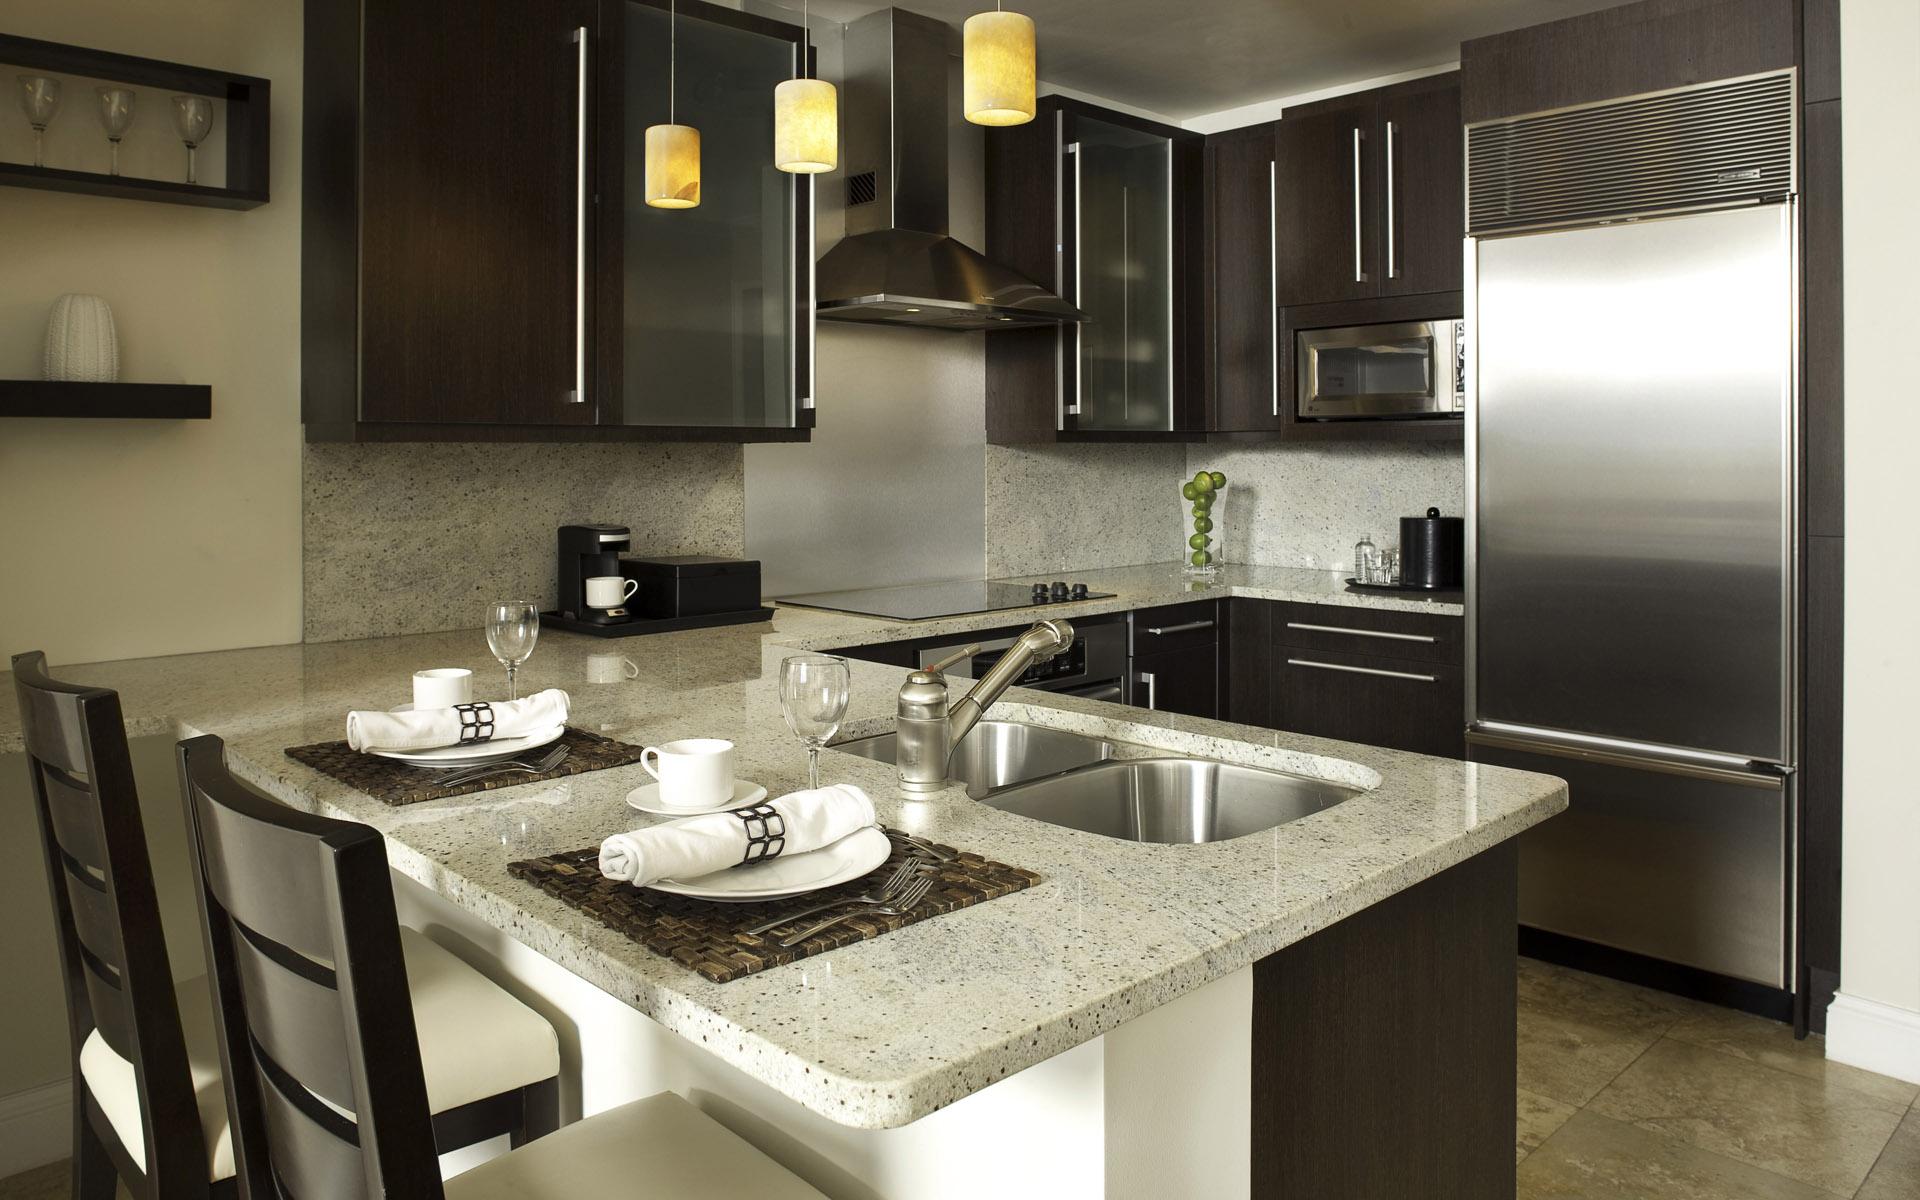 Kitchen_designs14 Kitchen designs